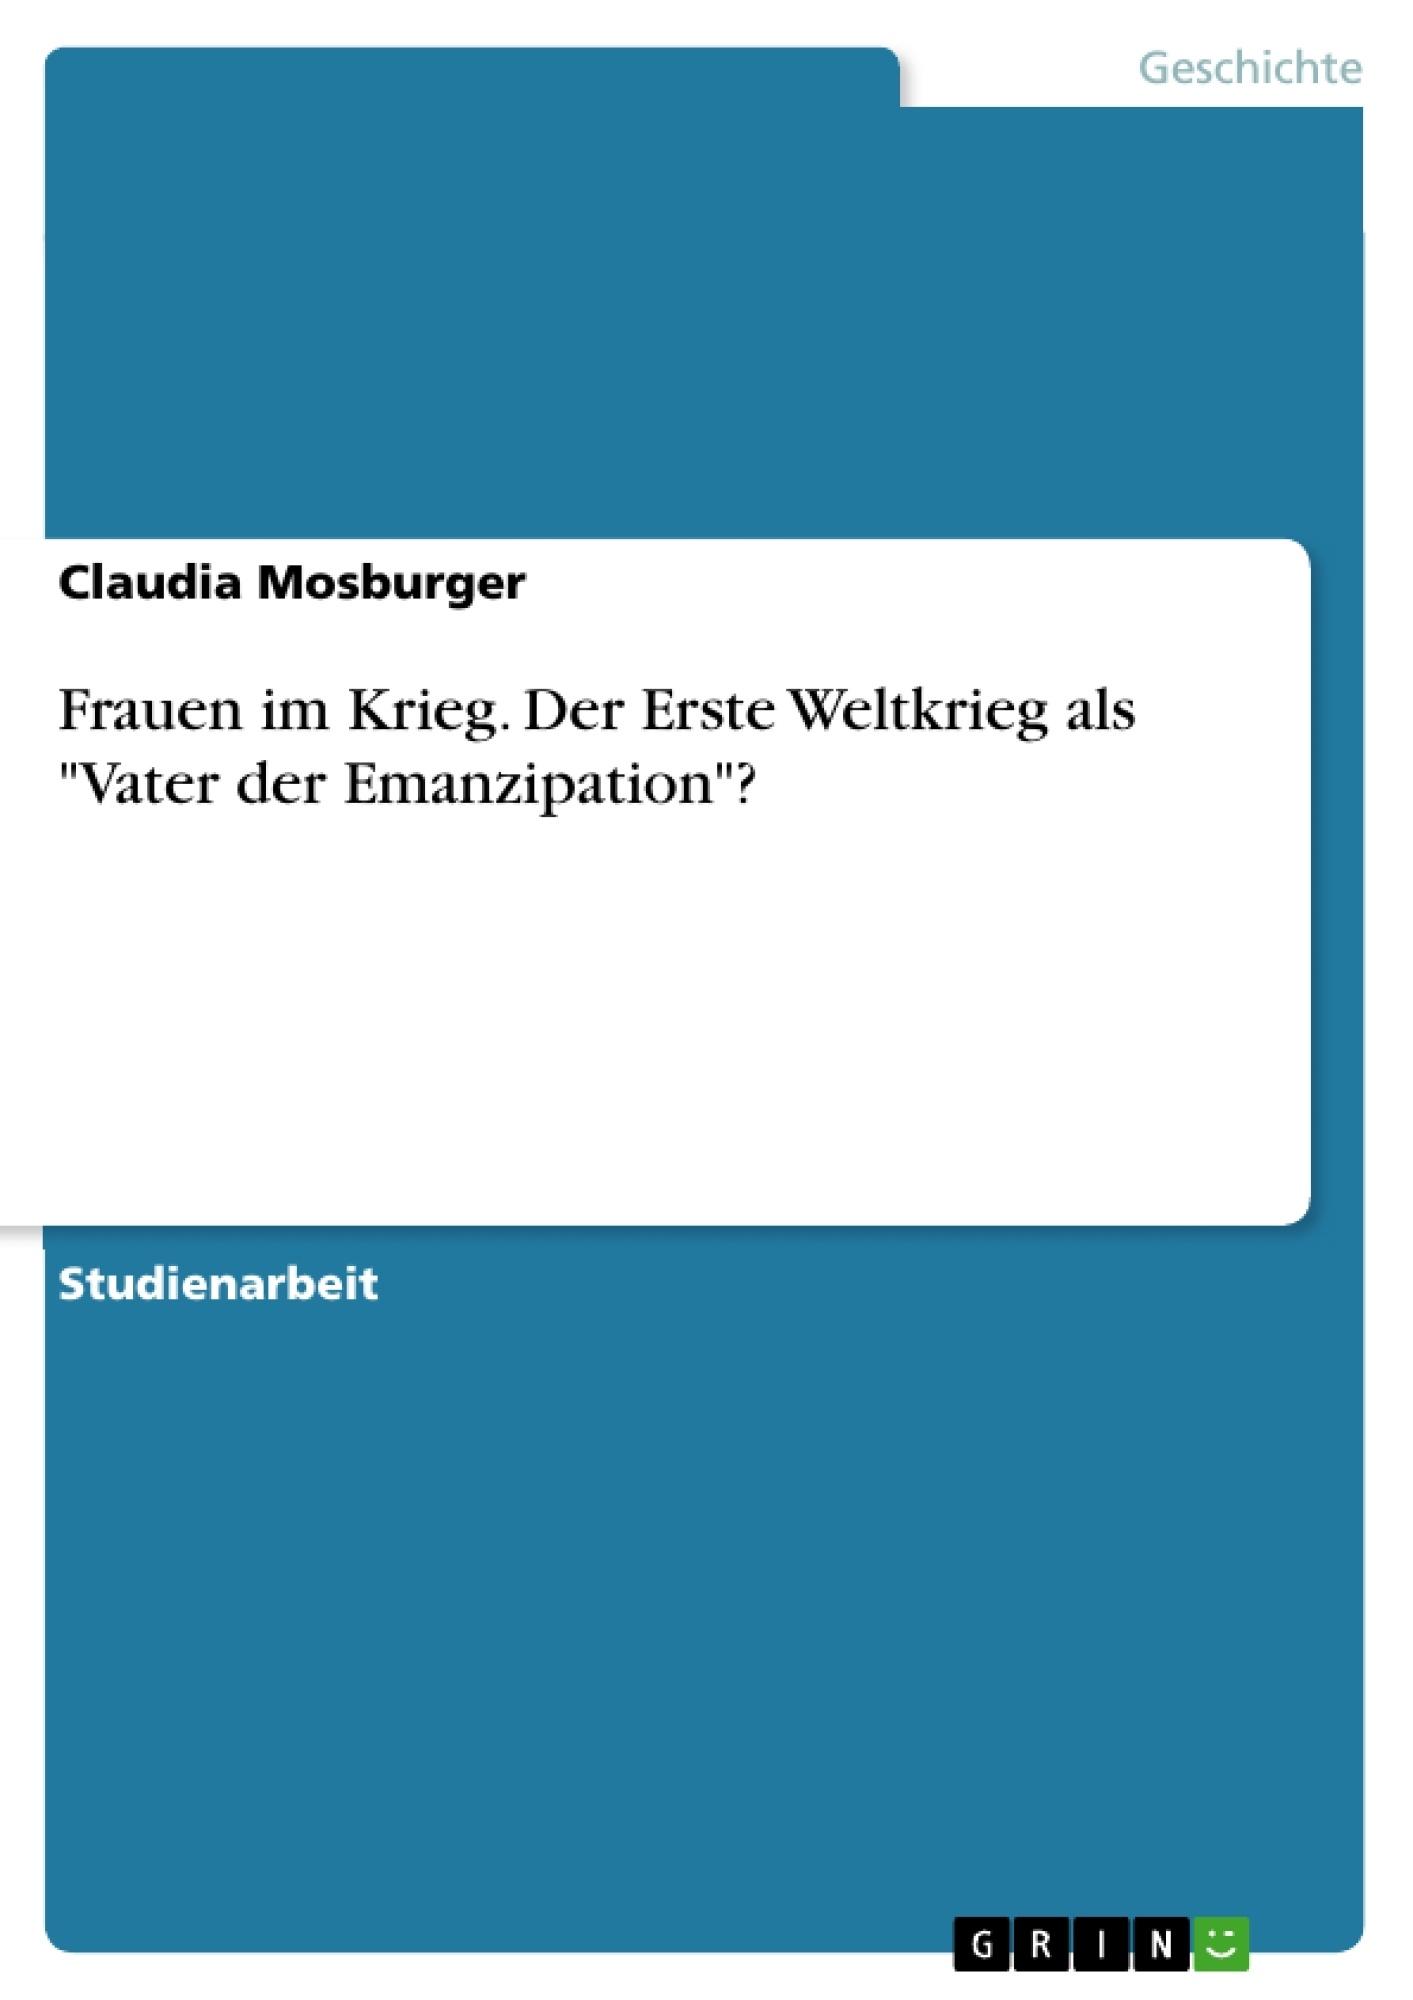 """Titel: Frauen im Krieg. Der Erste Weltkrieg als """"Vater der Emanzipation""""?"""